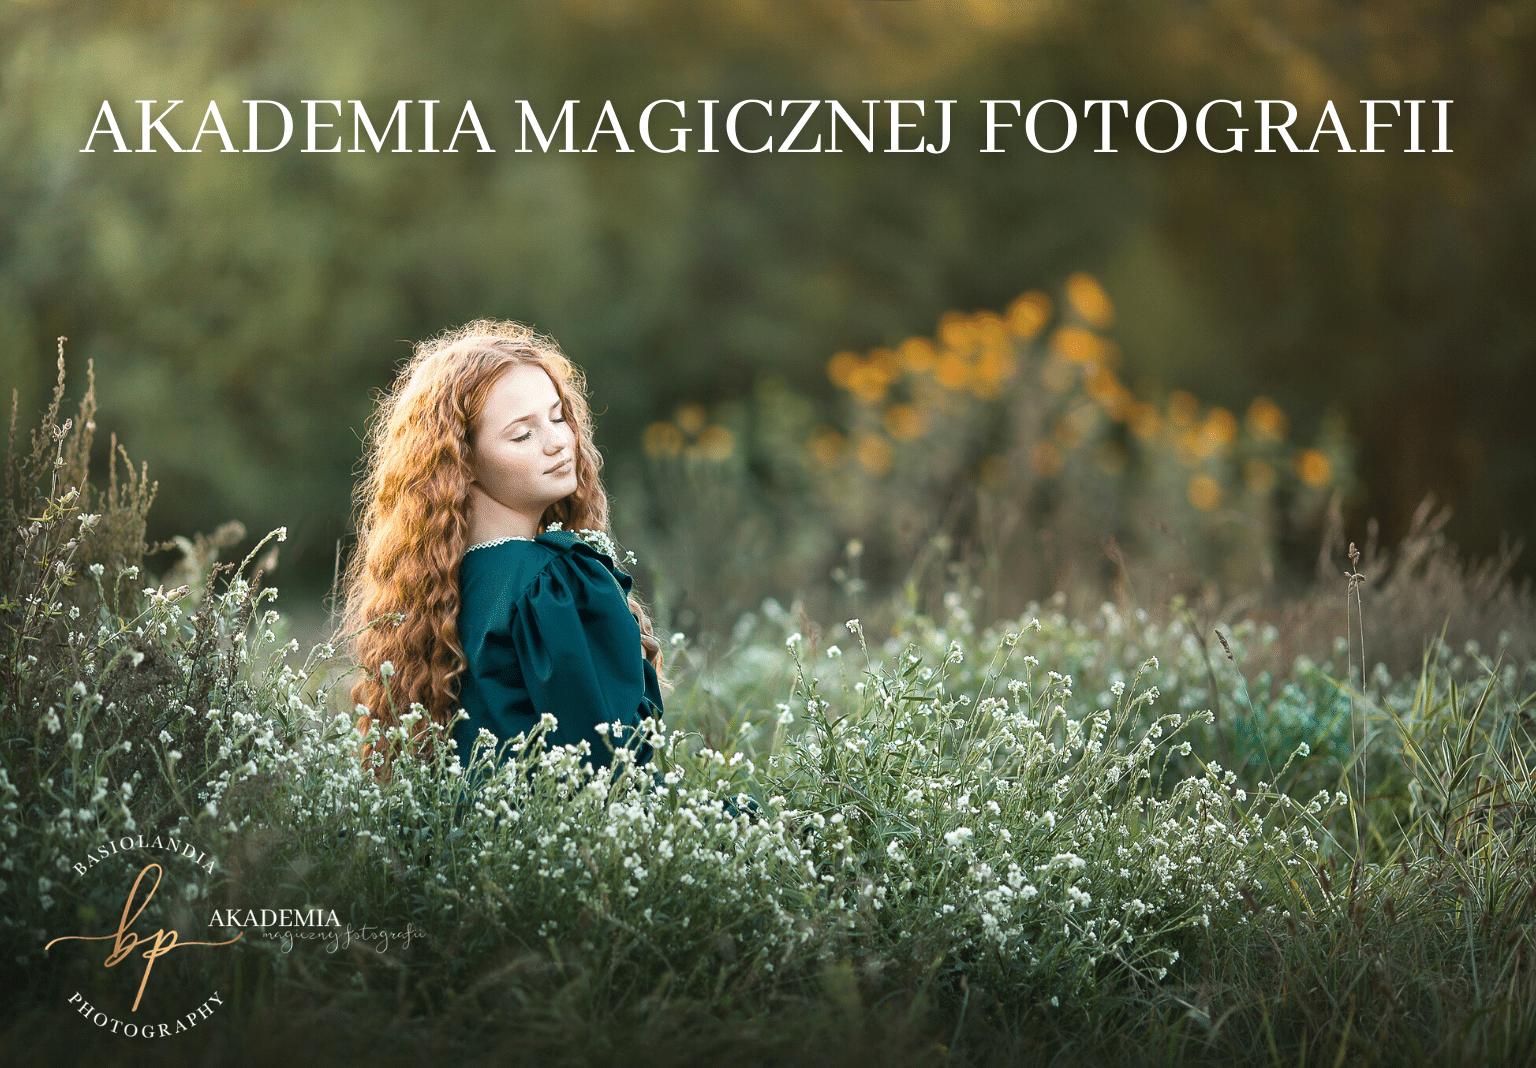 Akademia Magicznej Fotografii